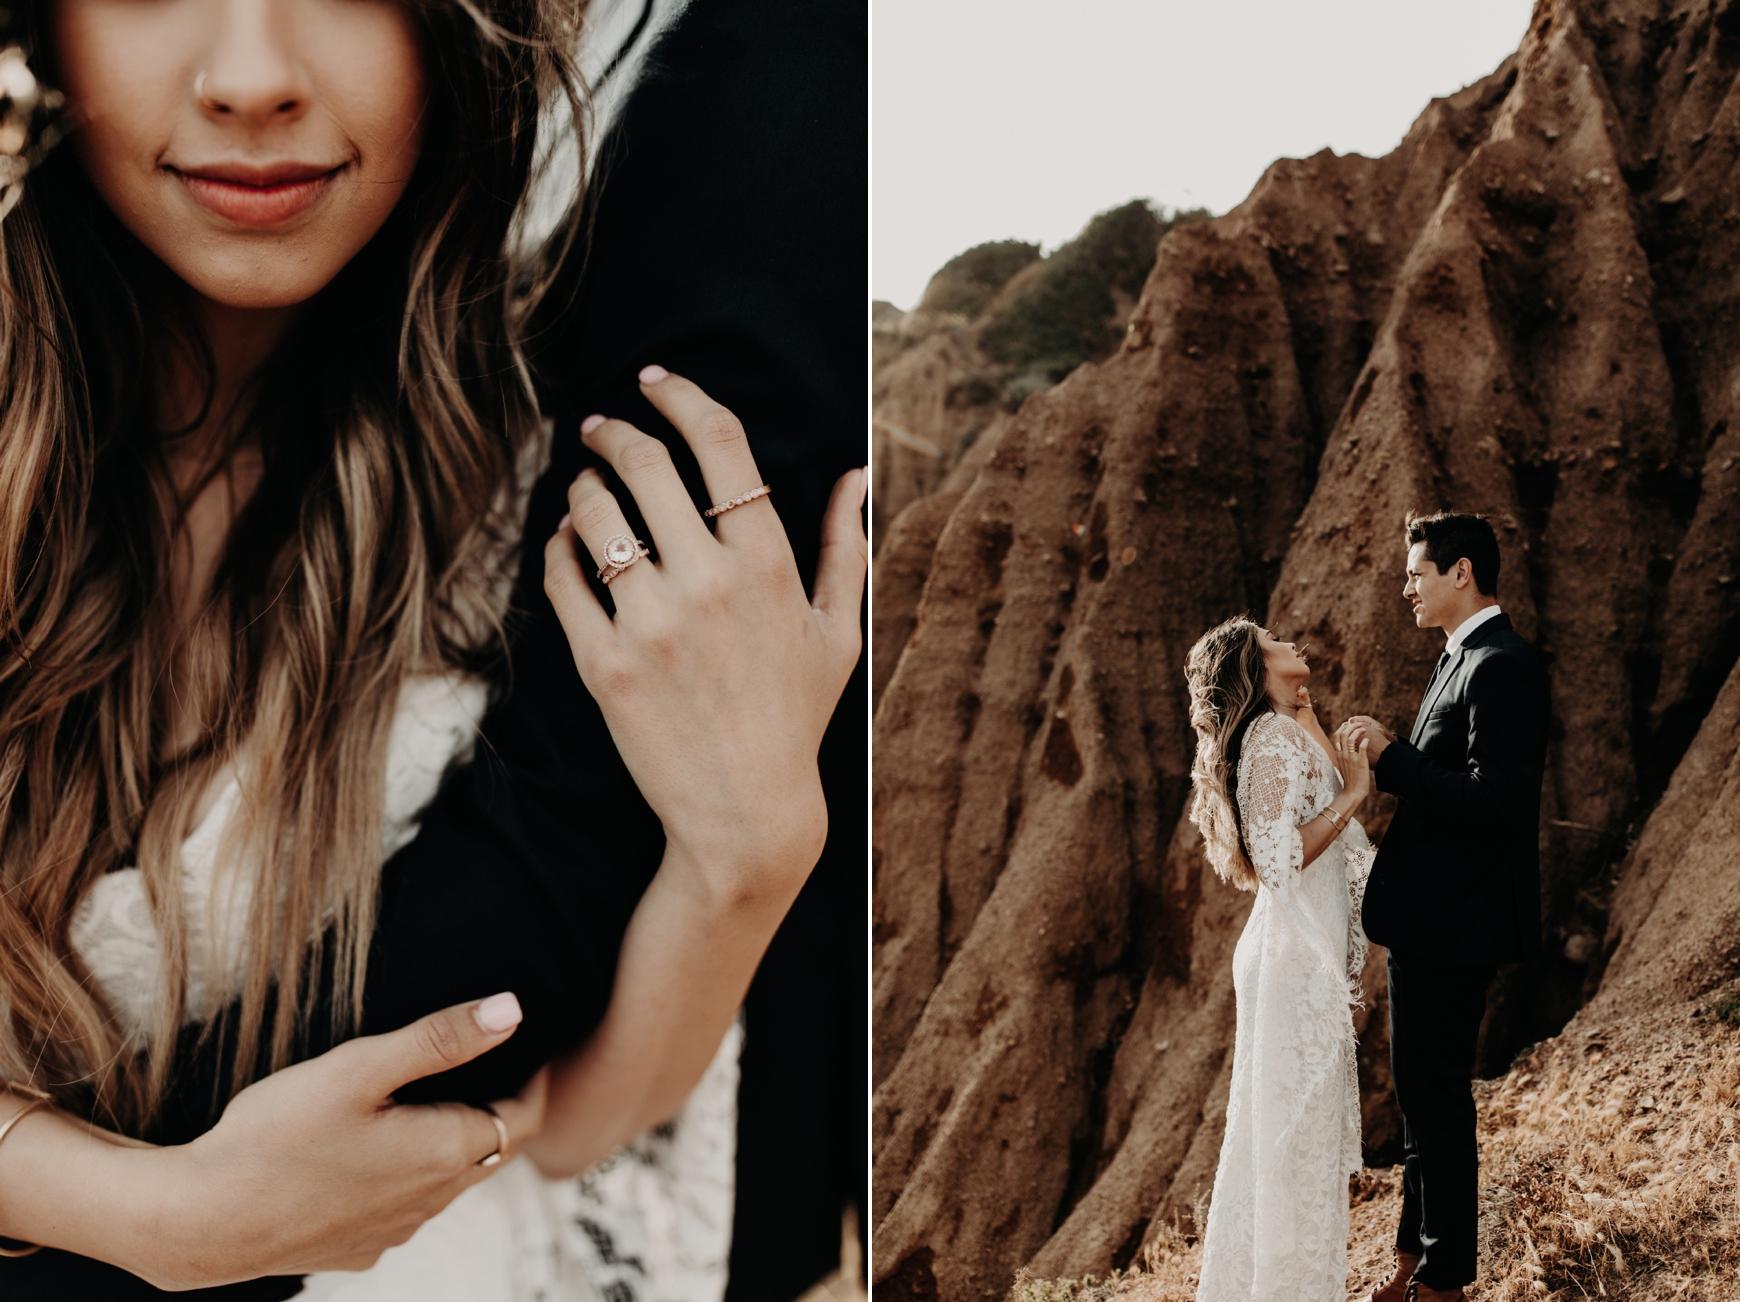 El Matador Beach Bridal Portraits Justellen & TJ Emily Magers Photography-138Emily Magers Photography.jpg